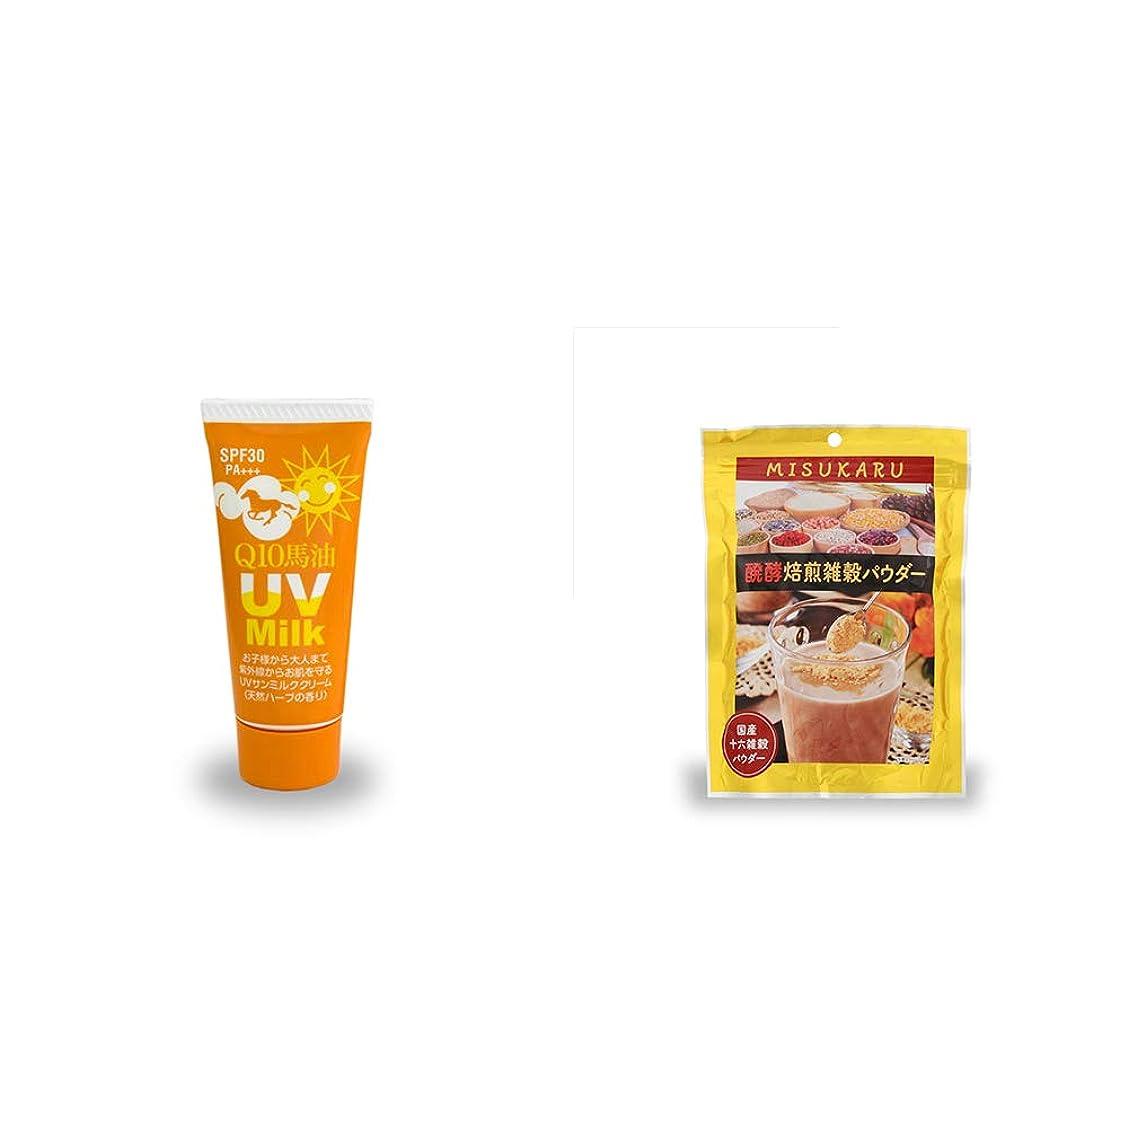 法律によりエスカレート実行可能[2点セット] 炭黒泉 Q10馬油 UVサンミルク[天然ハーブ](40g)?醗酵焙煎雑穀パウダー MISUKARU(ミスカル)(200g)